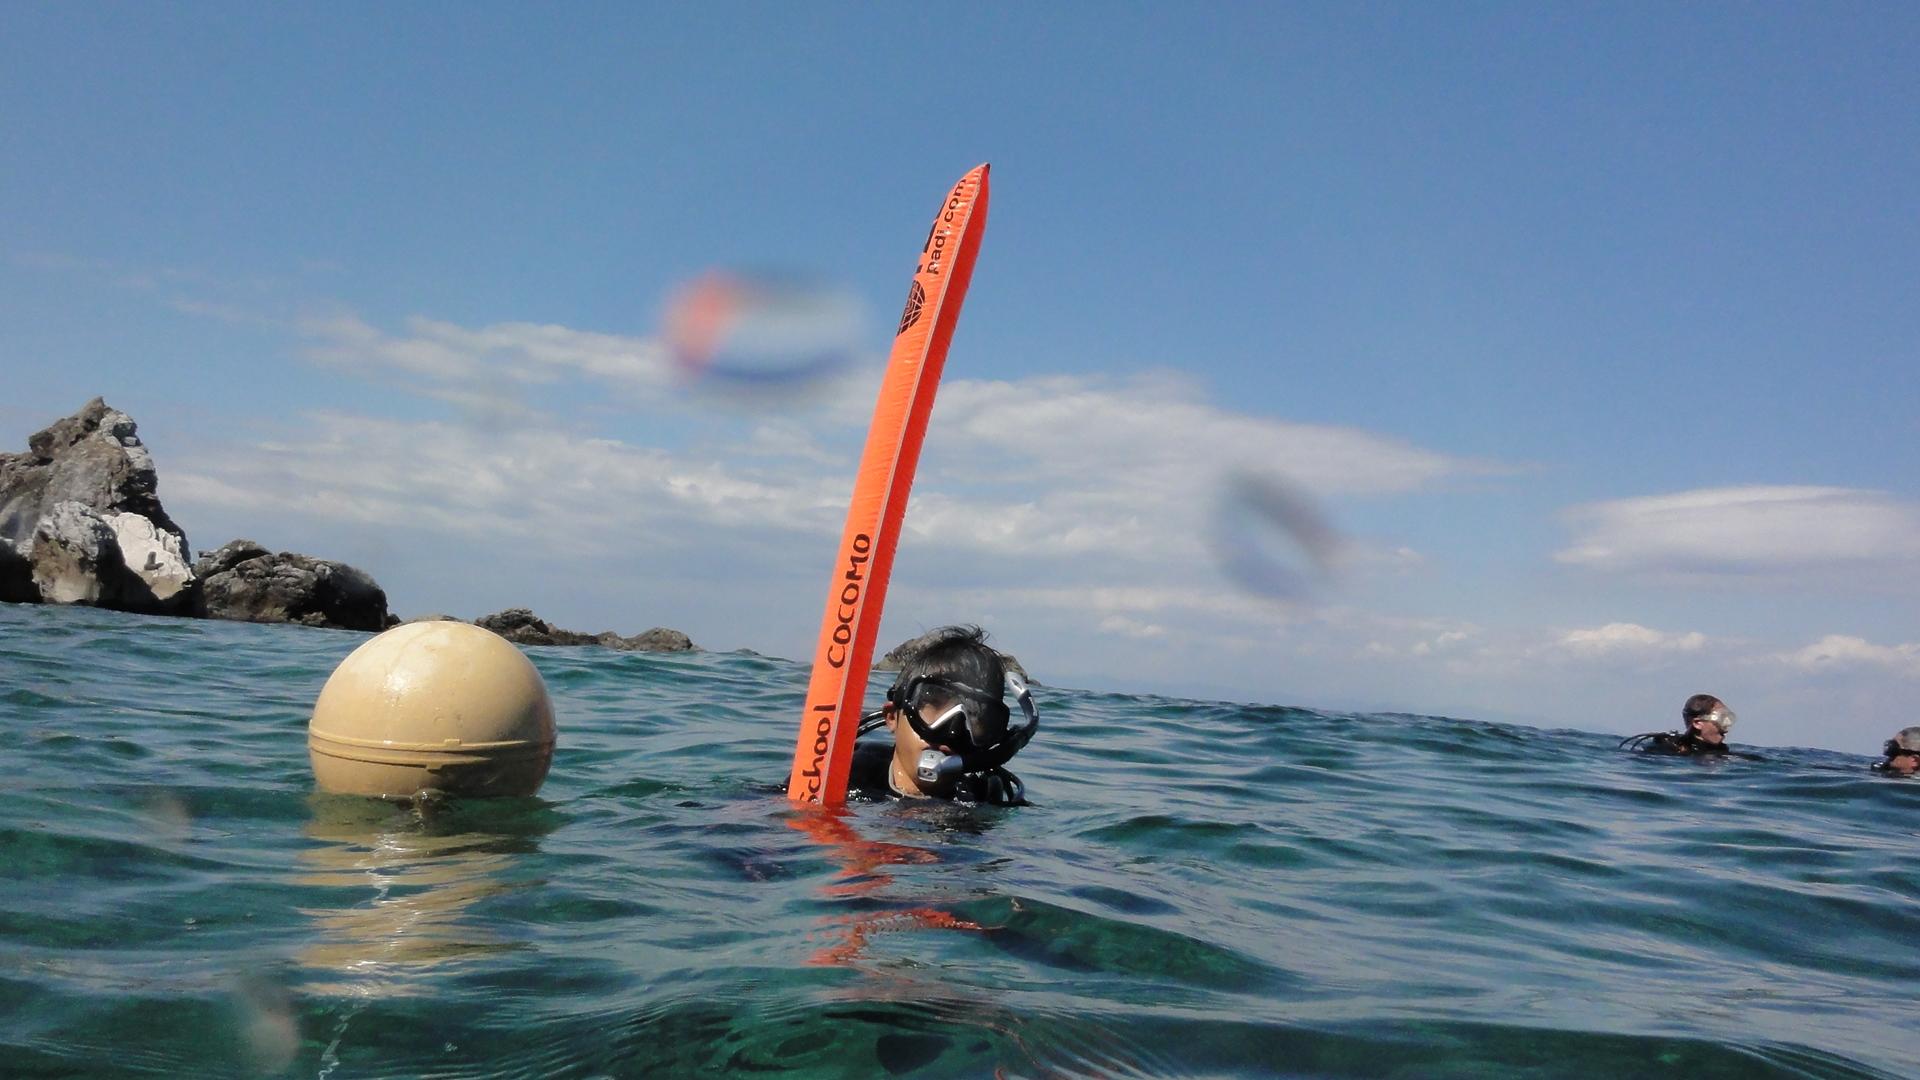 親子でダイビング、見知らぬ人とダイビング、様々なドラマチックダイビング!